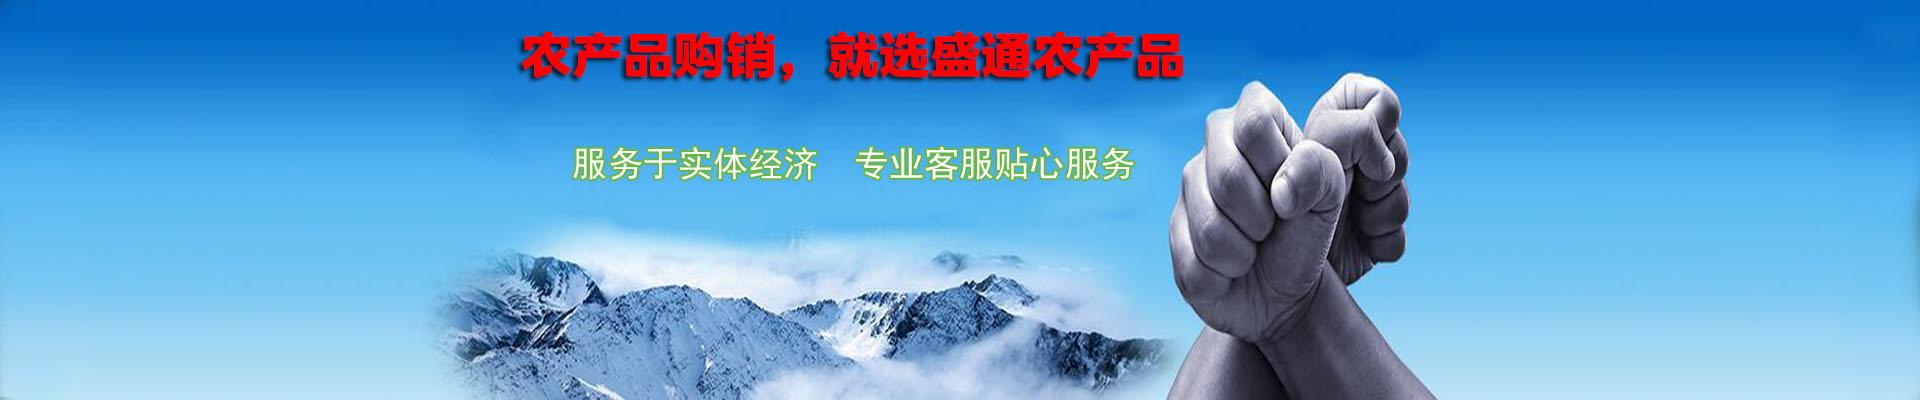 陕西九龙农产品